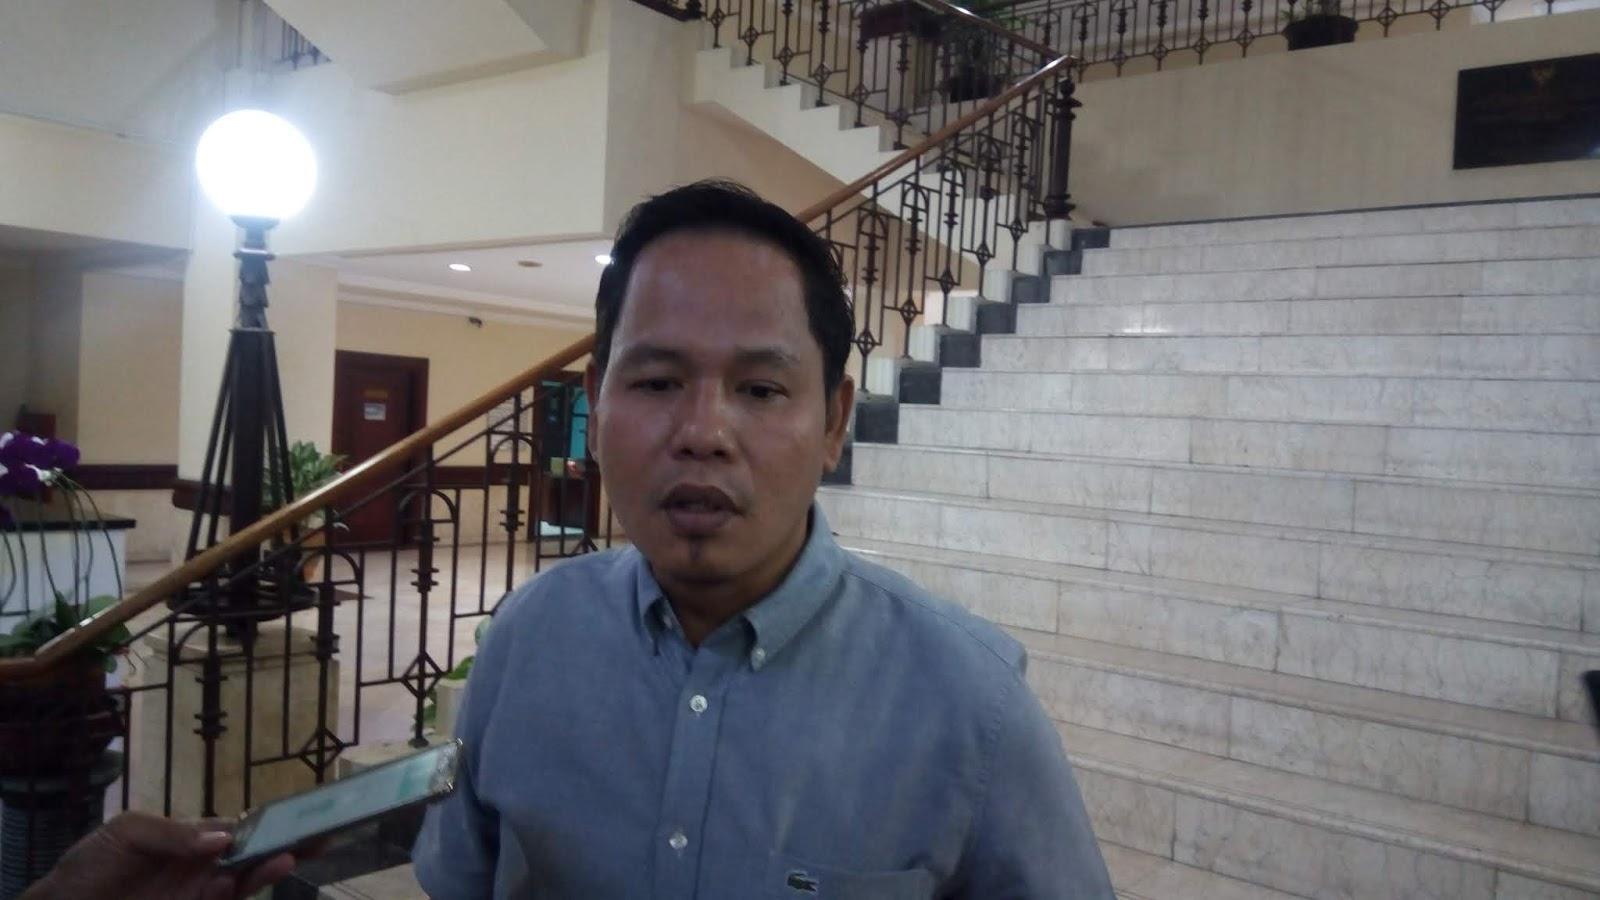 Perusahaan Batu Bara Tidak Berizin di Surabaya Harus Ditutup